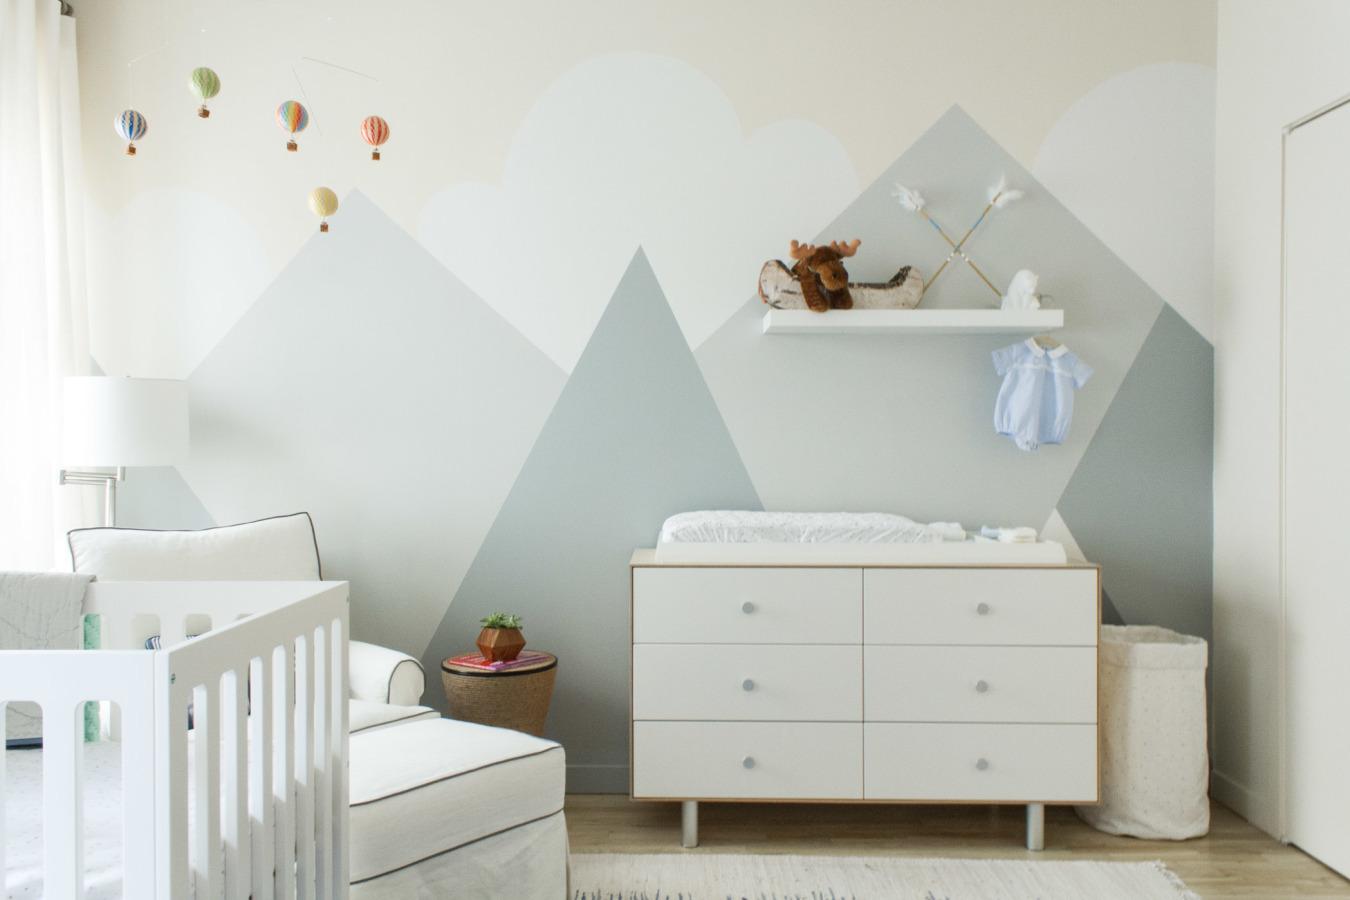 de complete checklist voor de babykamer - alles om van je huis je, Deco ideeën